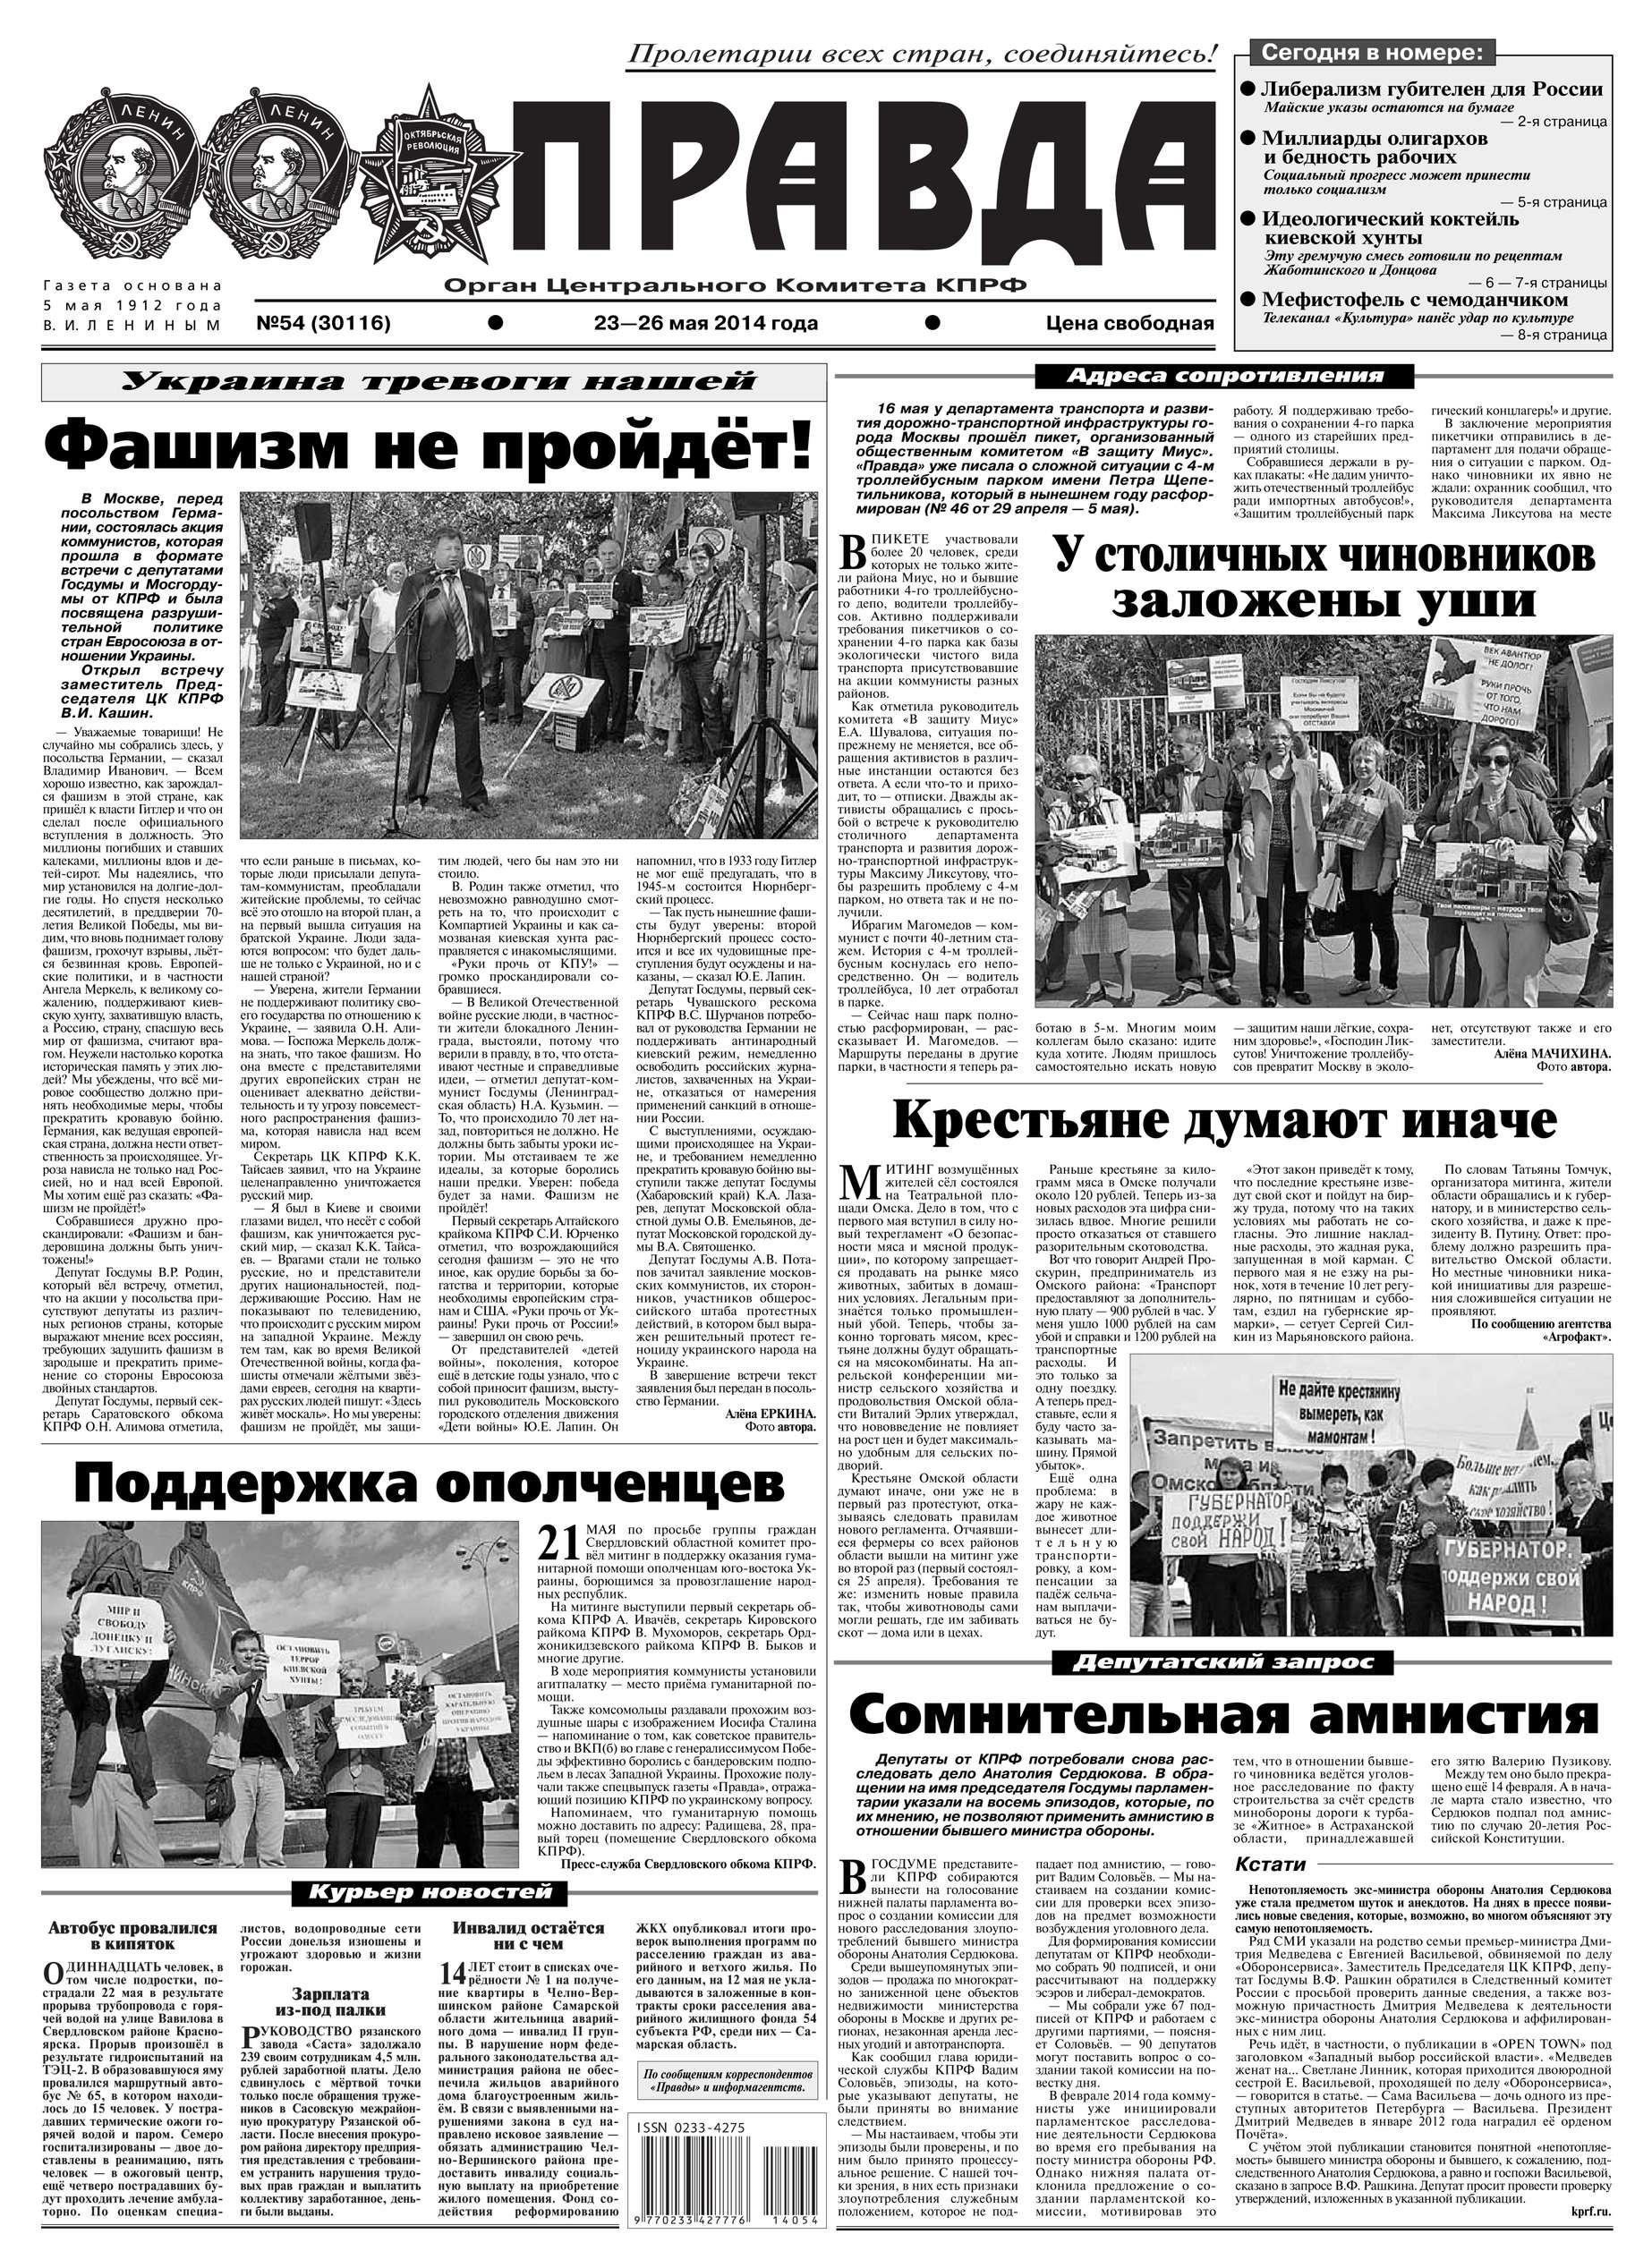 Редакция газеты Правда Правда 54 редакция газеты правда правда 54 2015